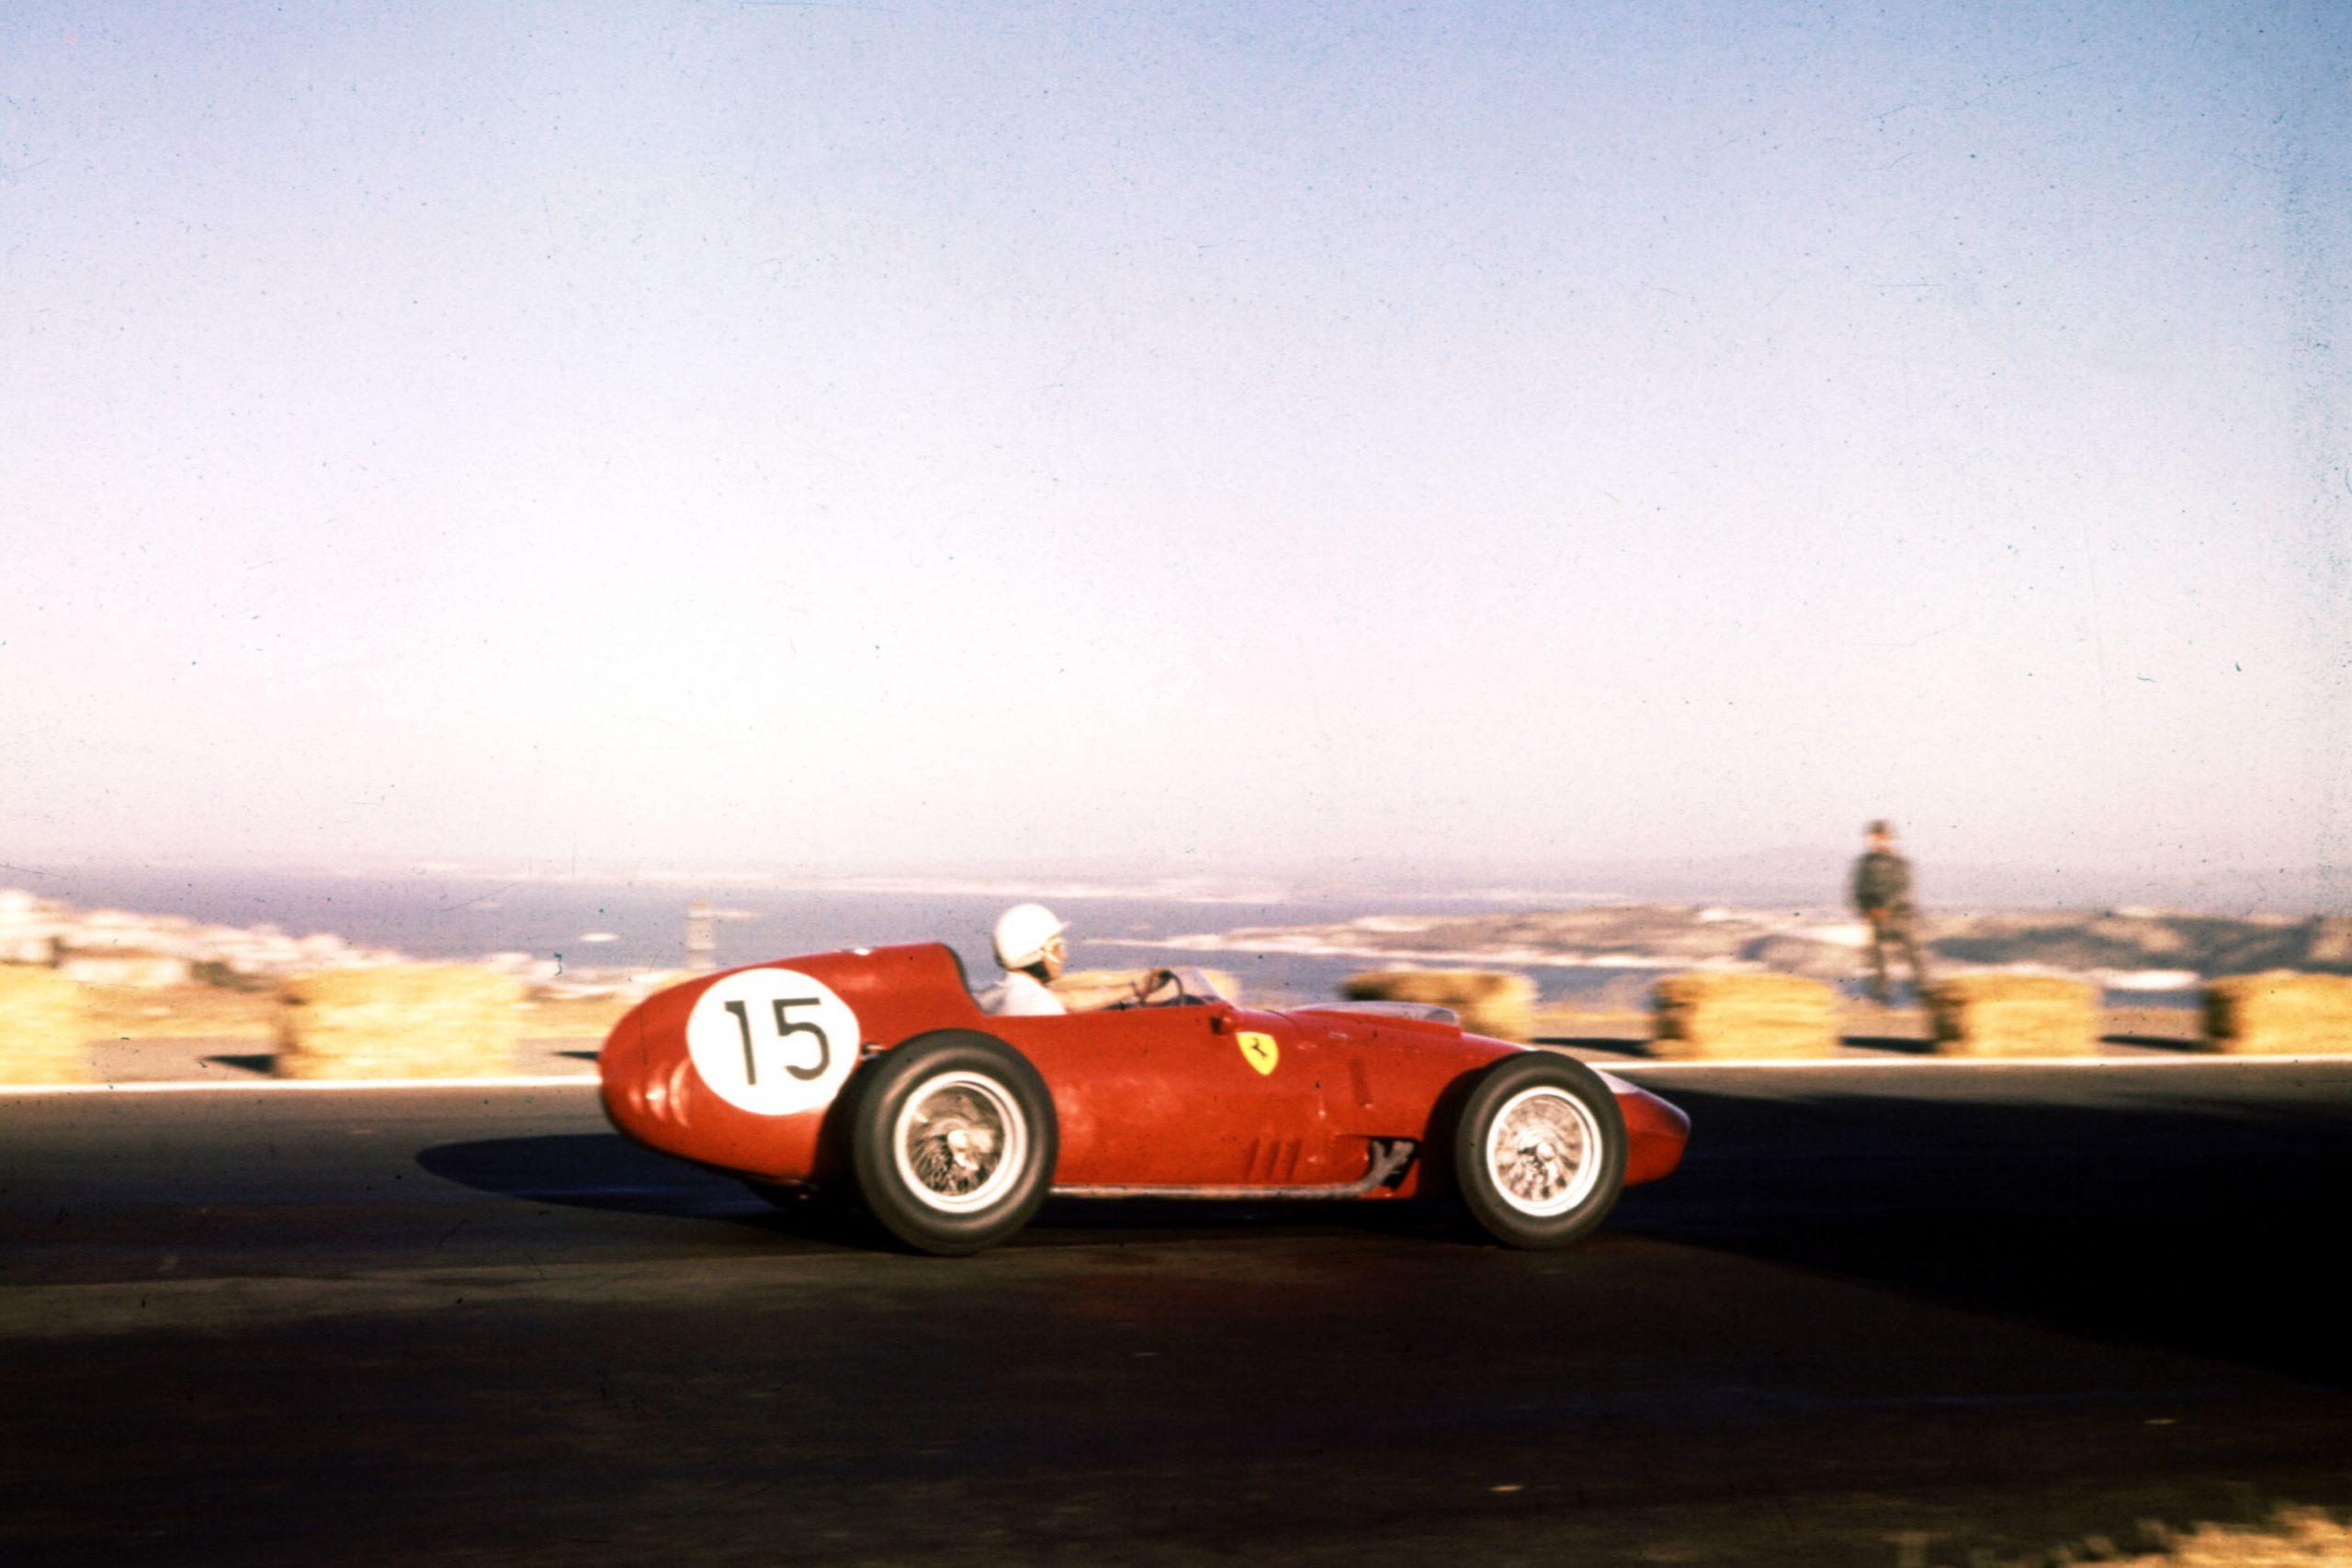 Phil Hill in his Ferrari Dino 246